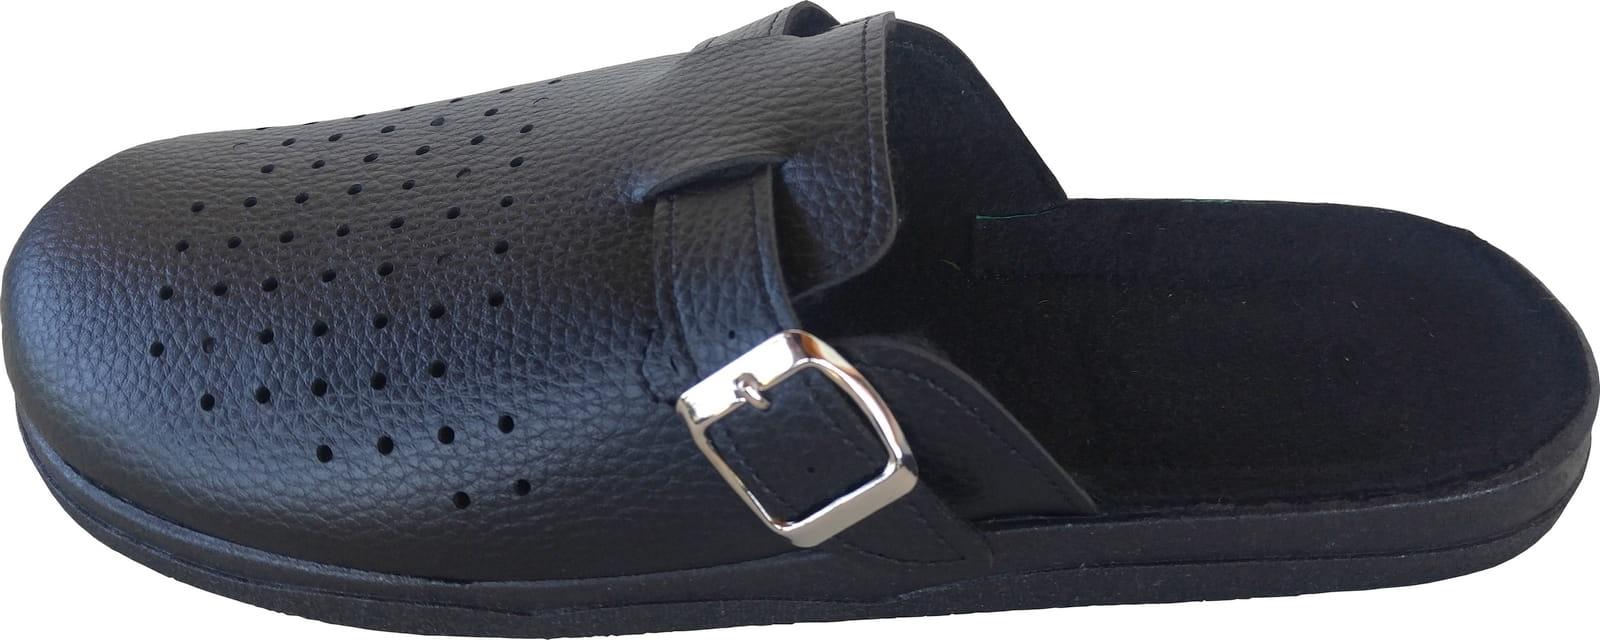 797cae2c1643bf obuwie BHP klapki czarne pantofelek